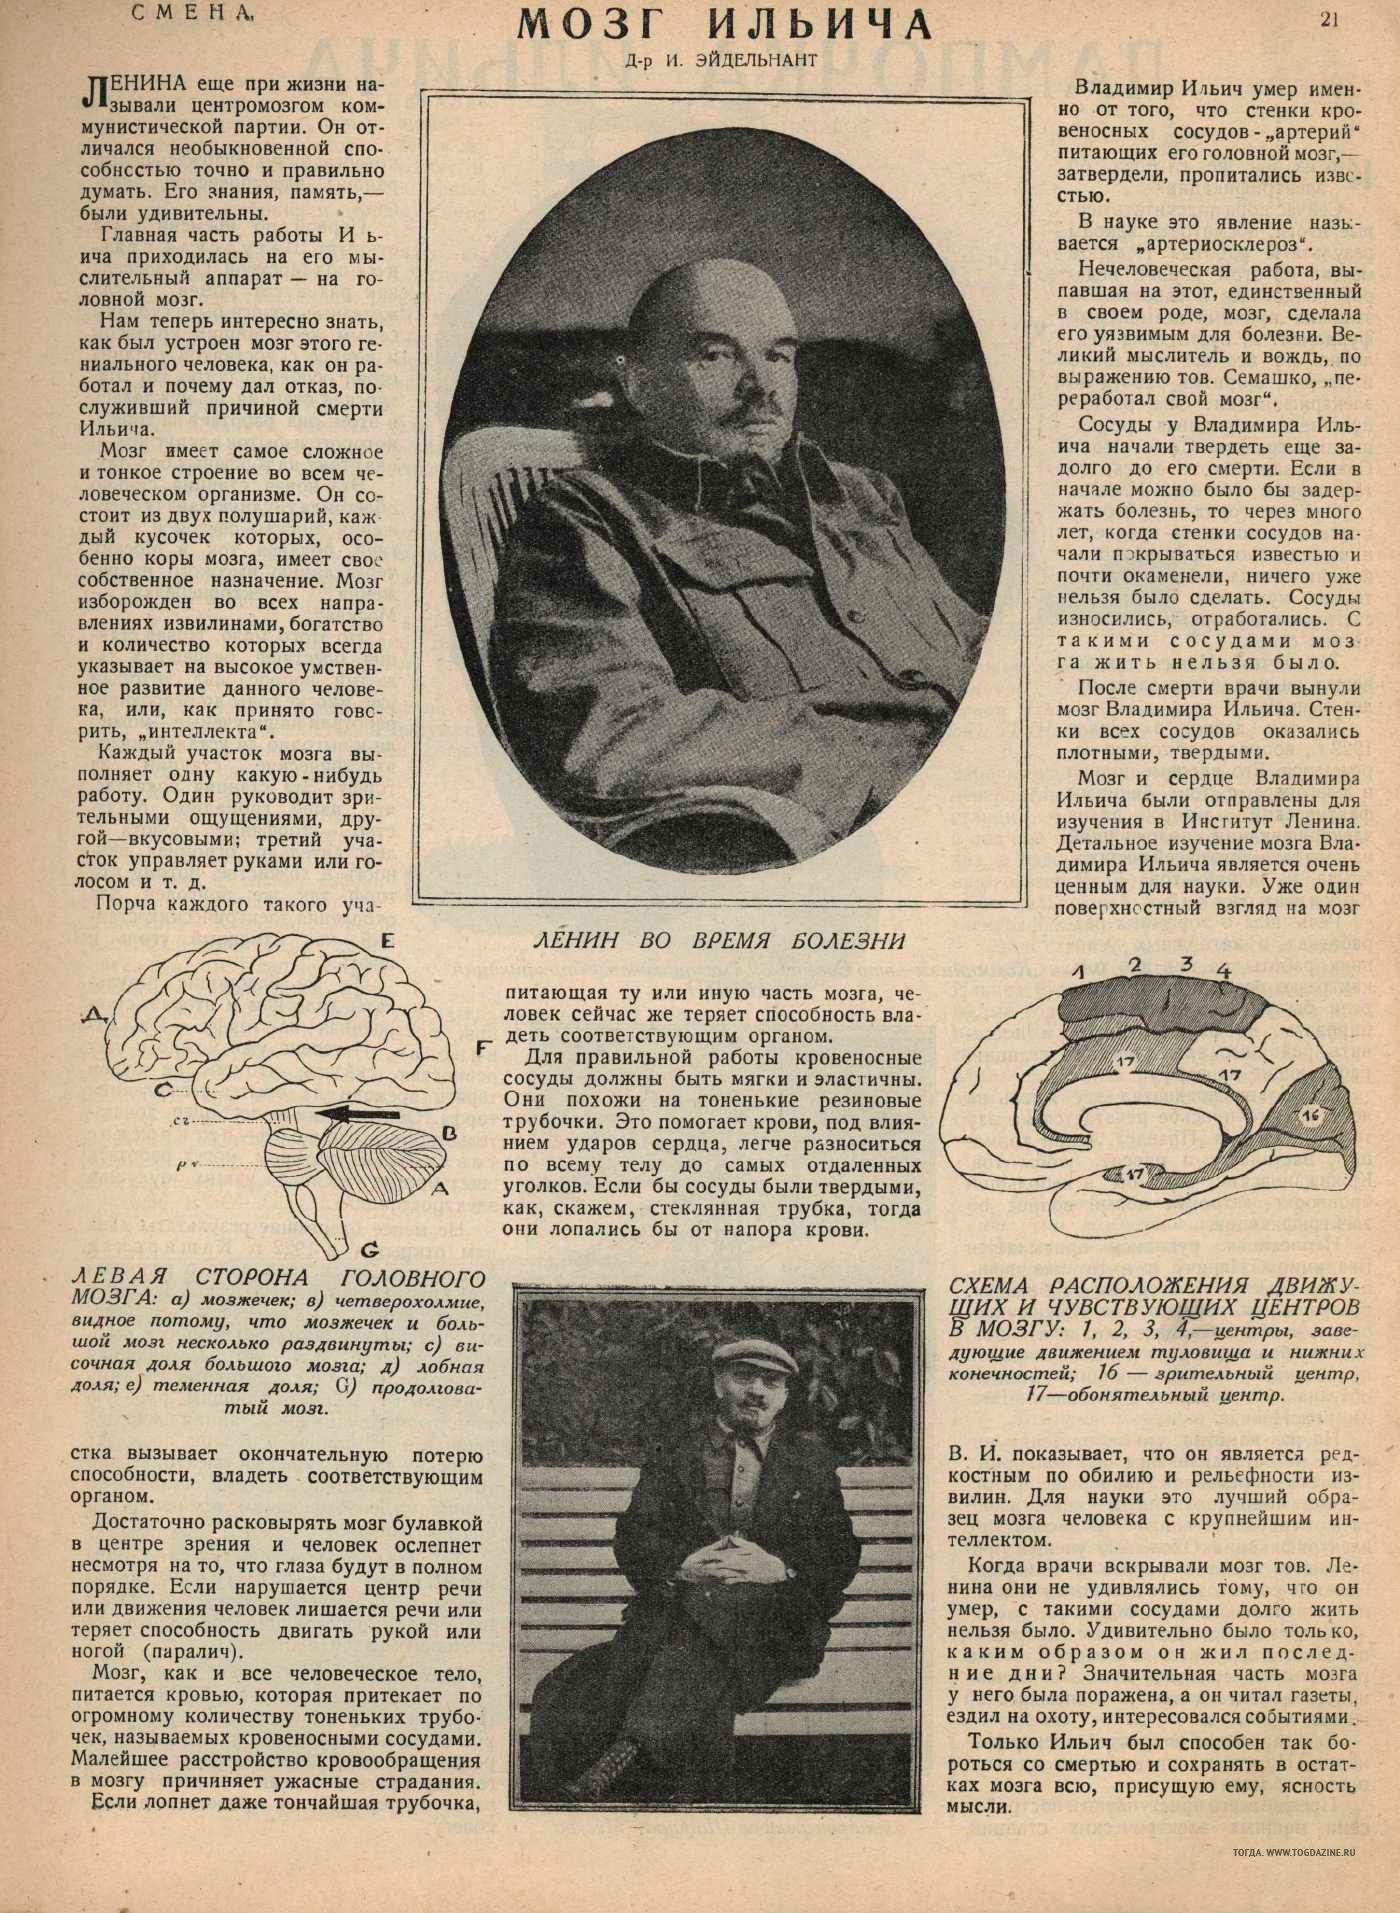 Мозг Ильича